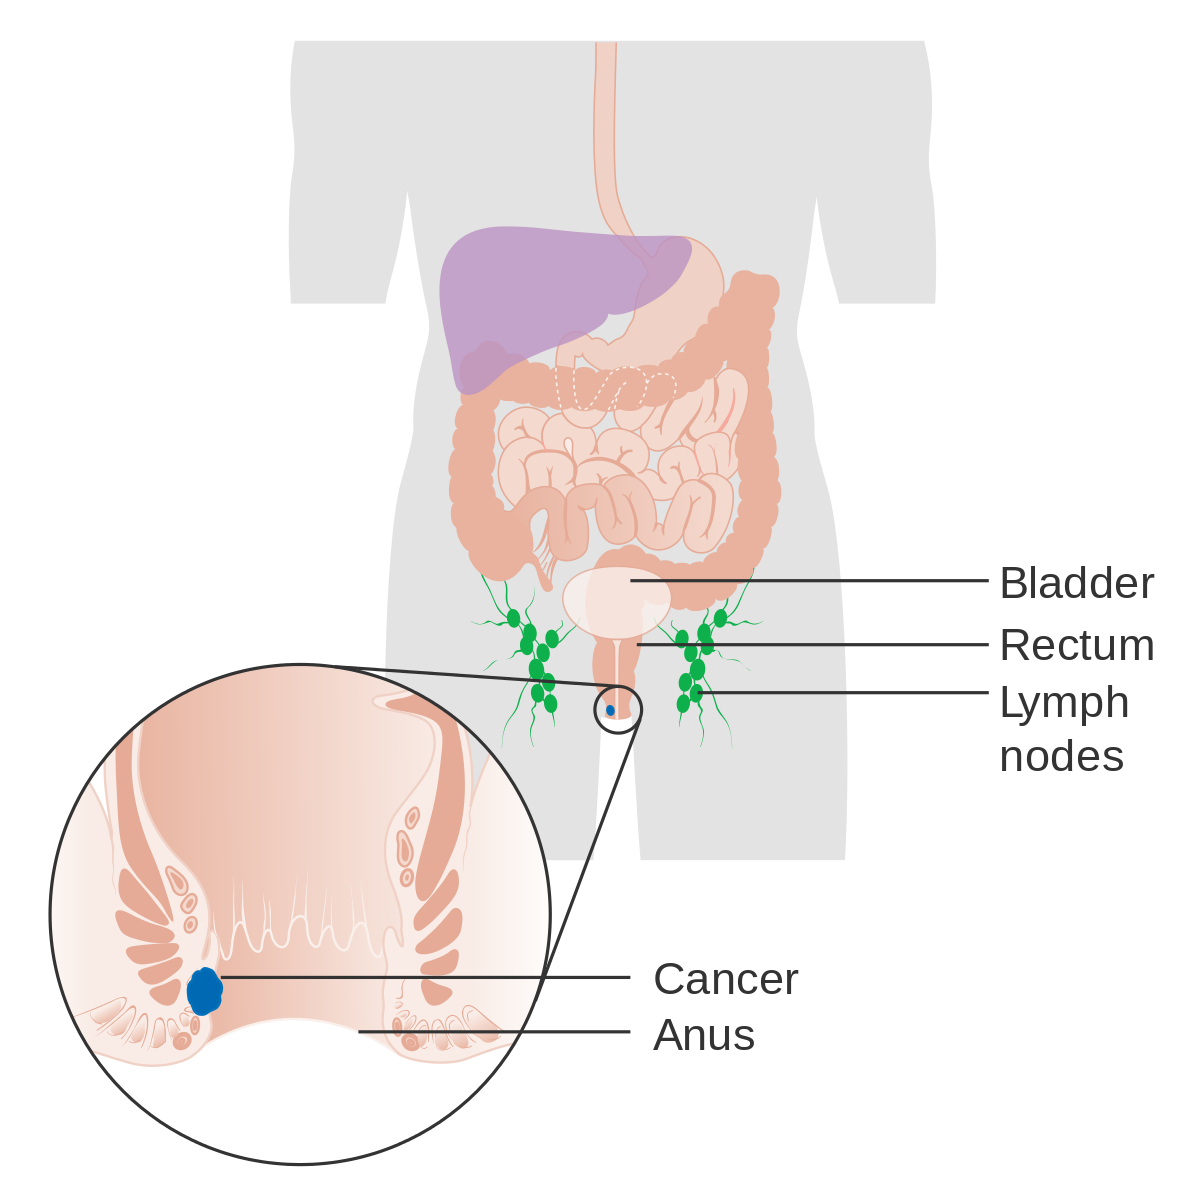 7 simptome specifice hemoroizilor, dar care pot ascunde cancerul anal